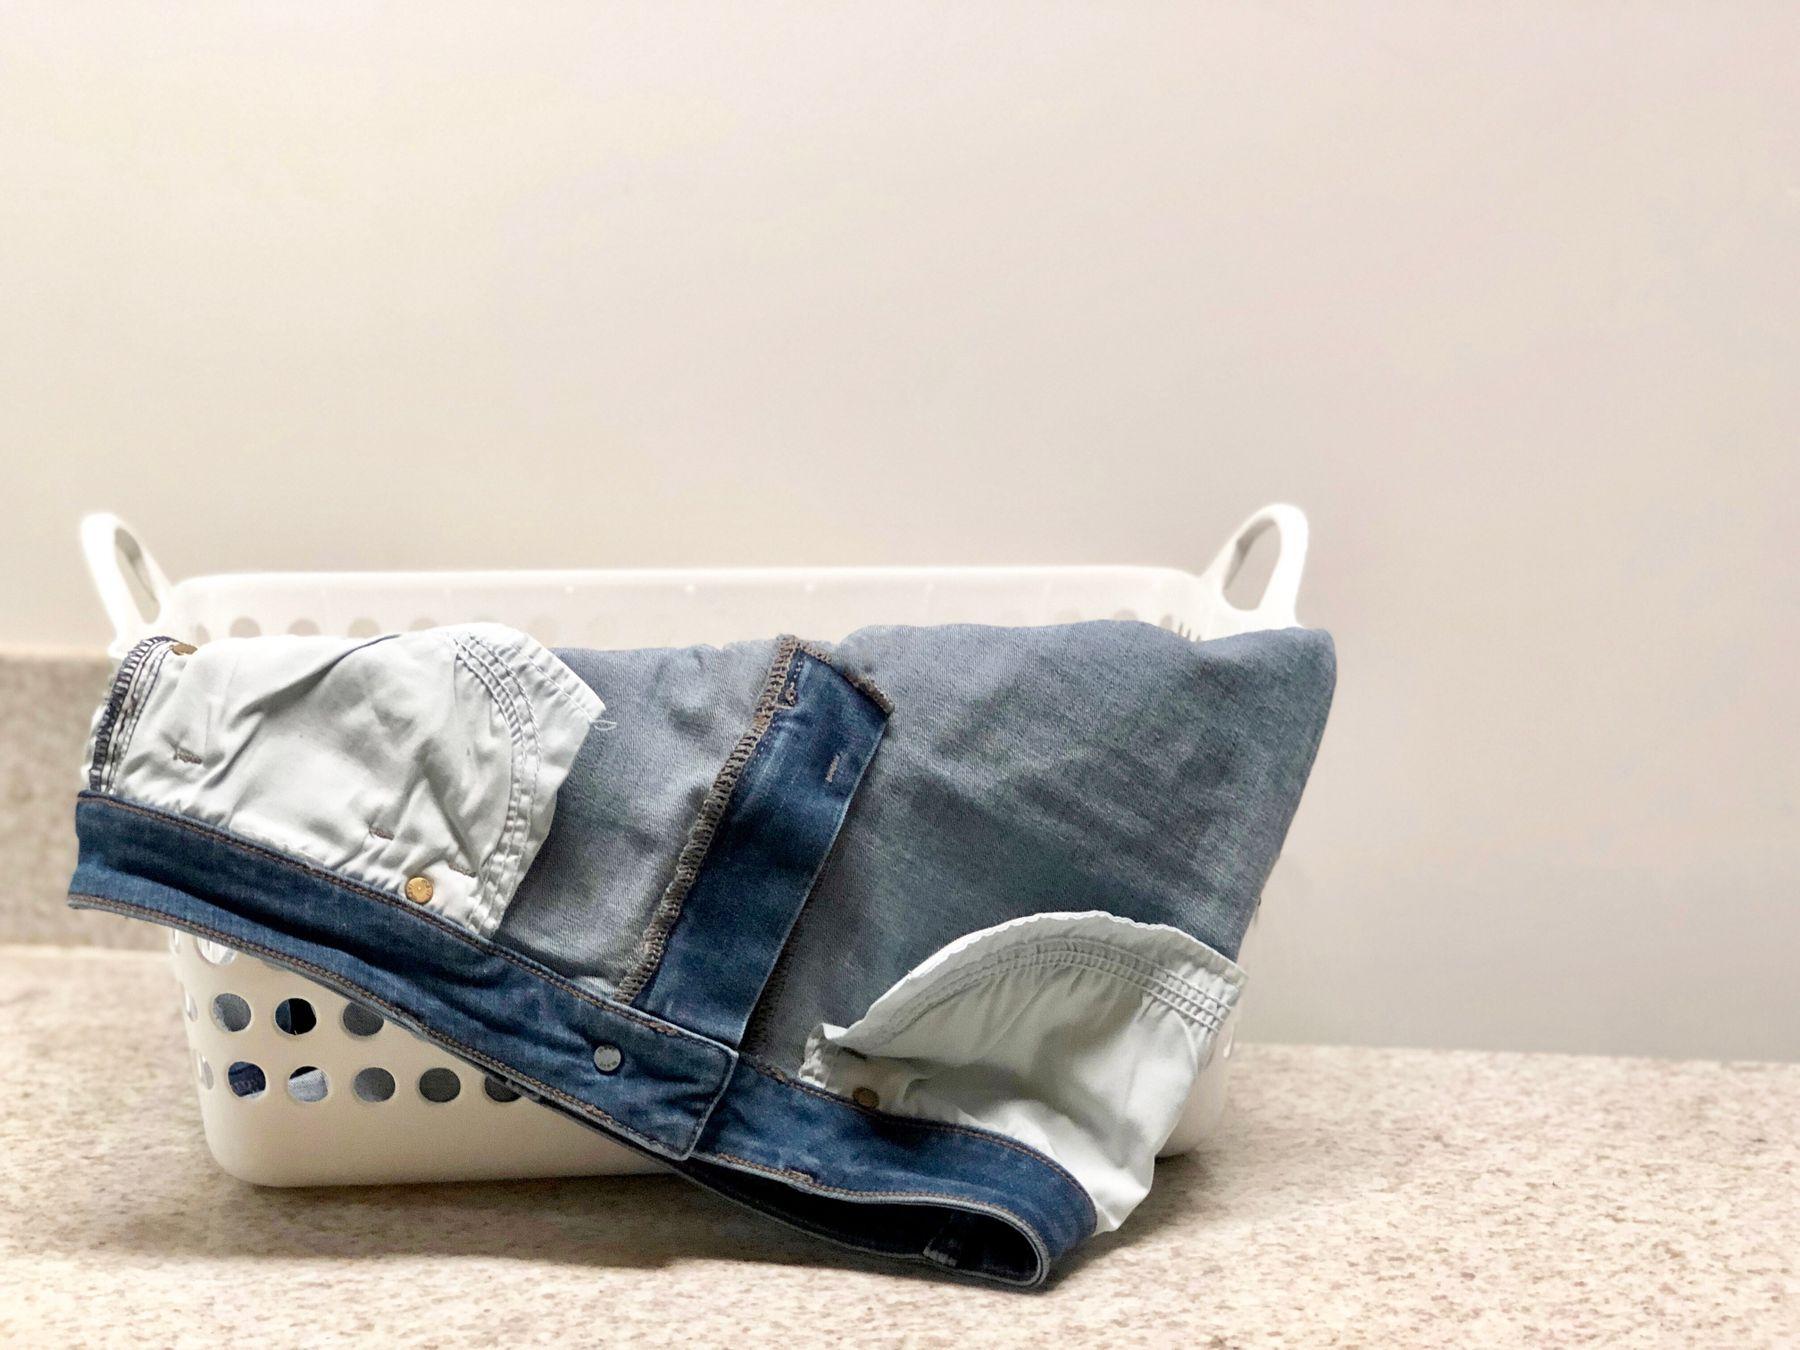 Calça jeans ao avesso dobrada para fora do cesto de roupas